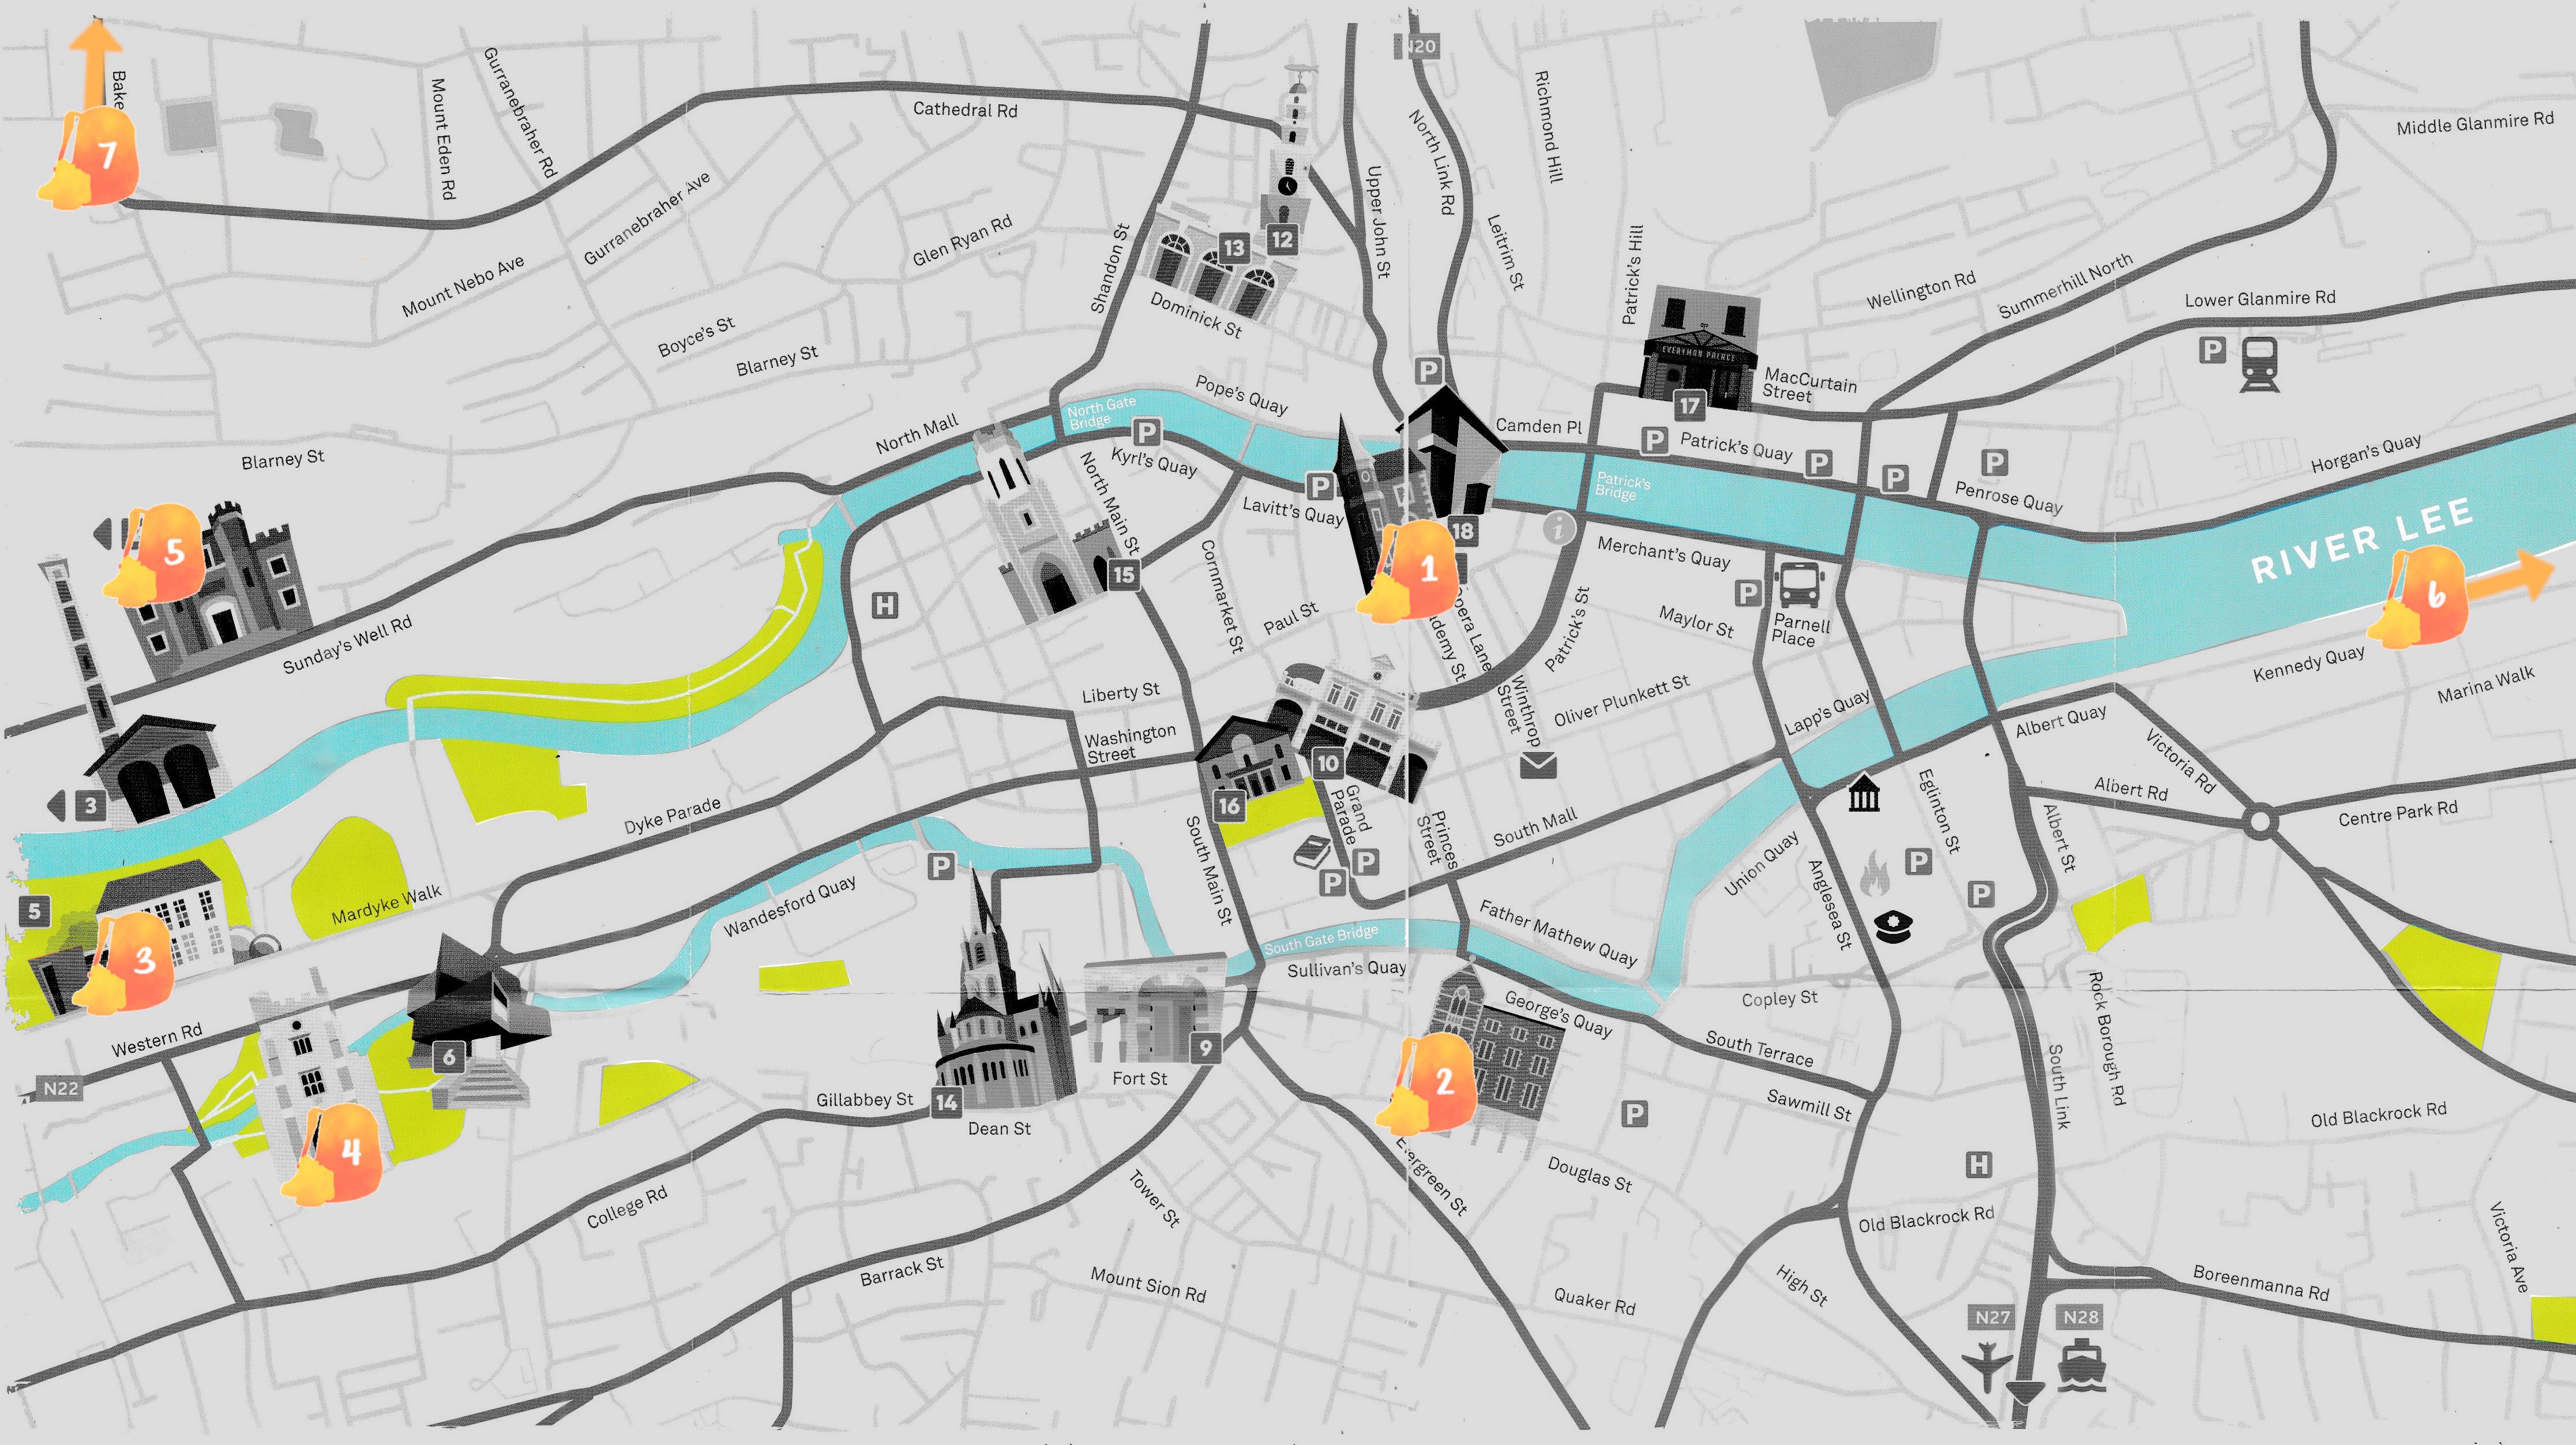 Mapa con los puntos señalados